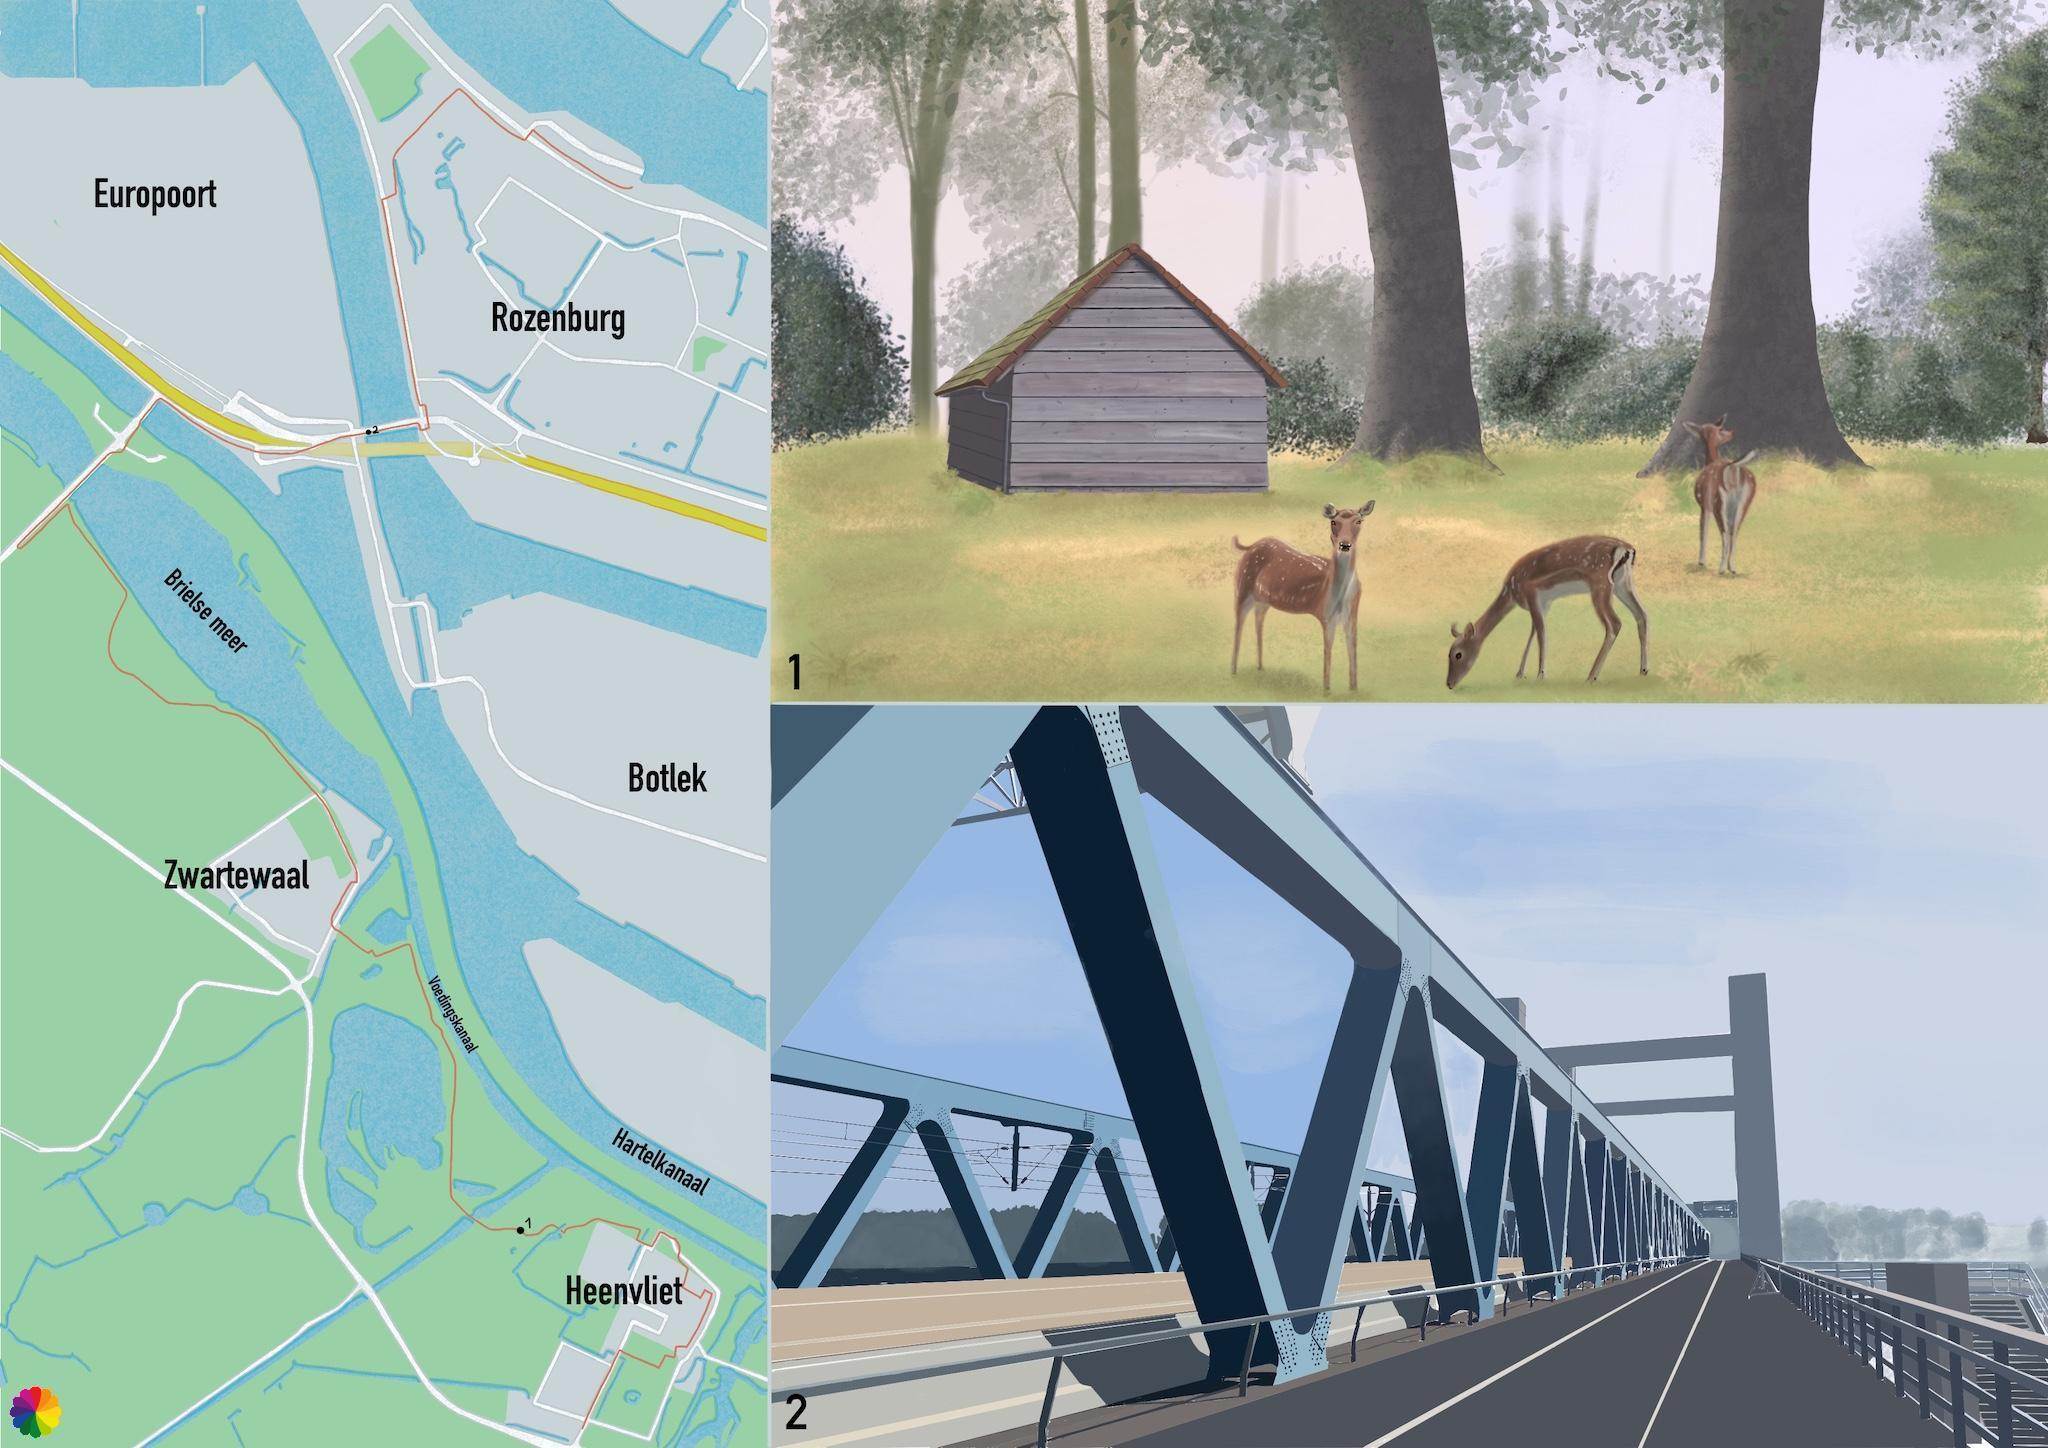 Wandelkaartje Heenvliet - Rozenburg